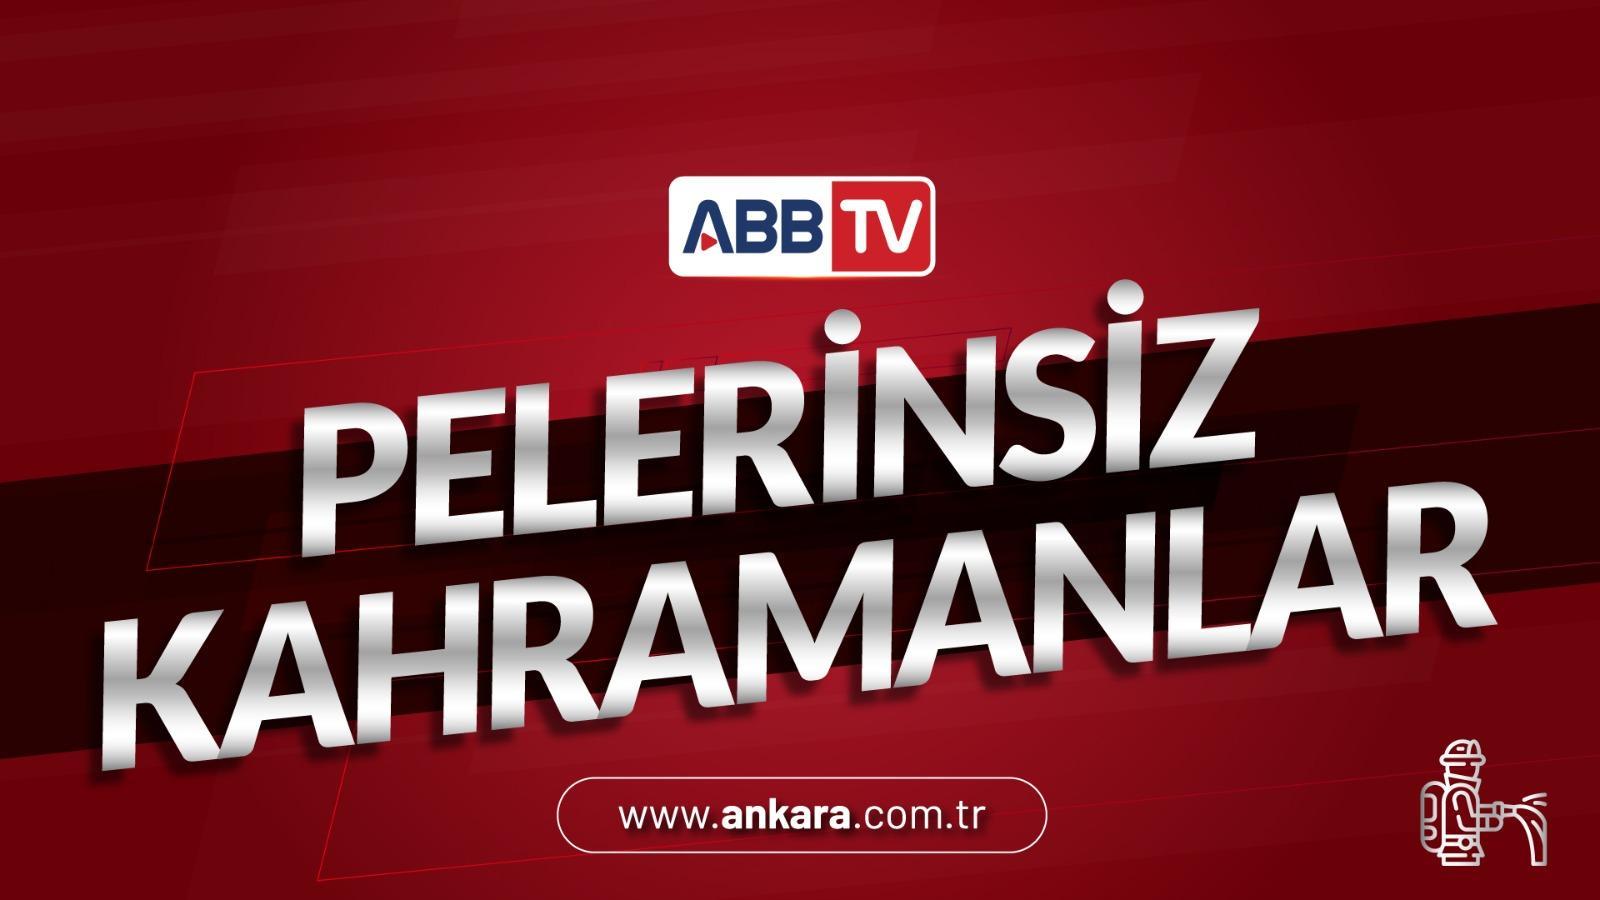 PELERİNSİZ KAHRAMANLAR - 2. BÖLÜM